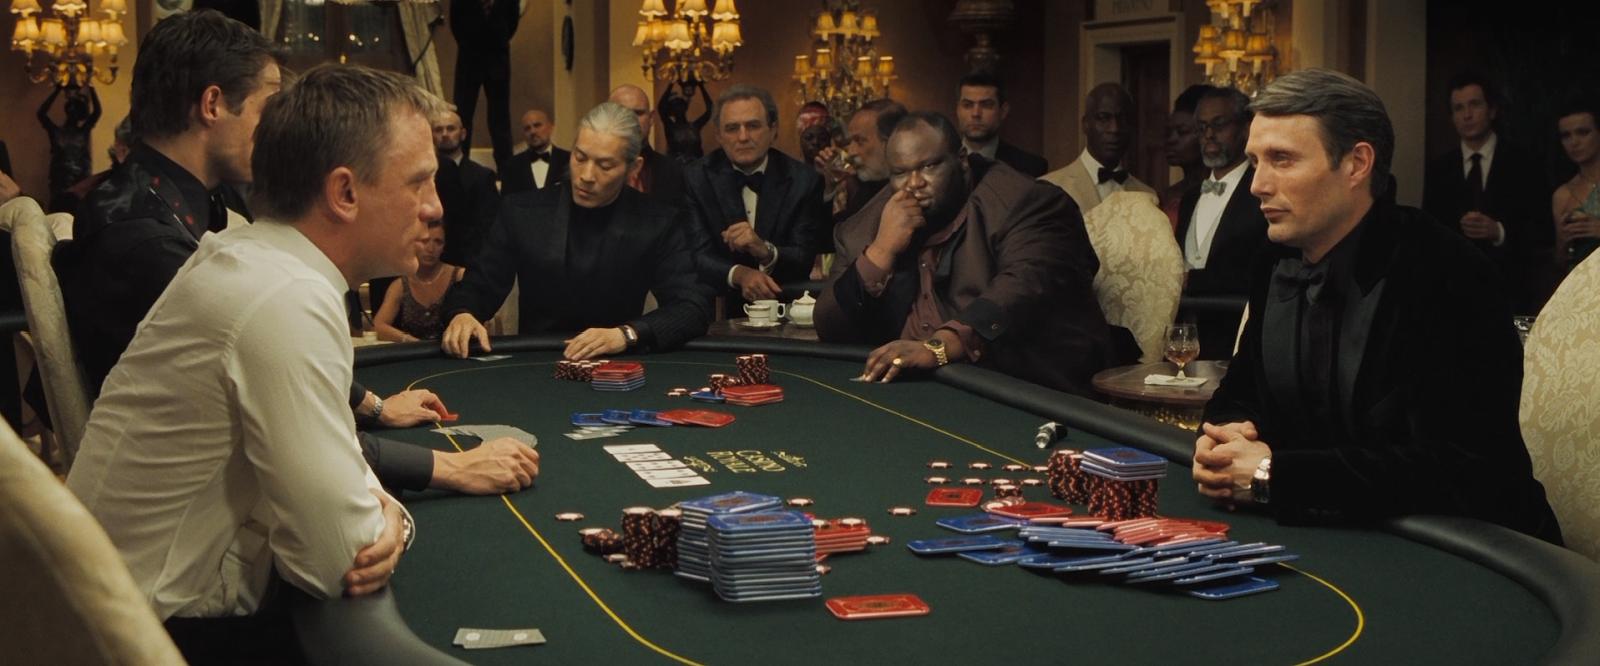 в какой покер играли в фильме казино